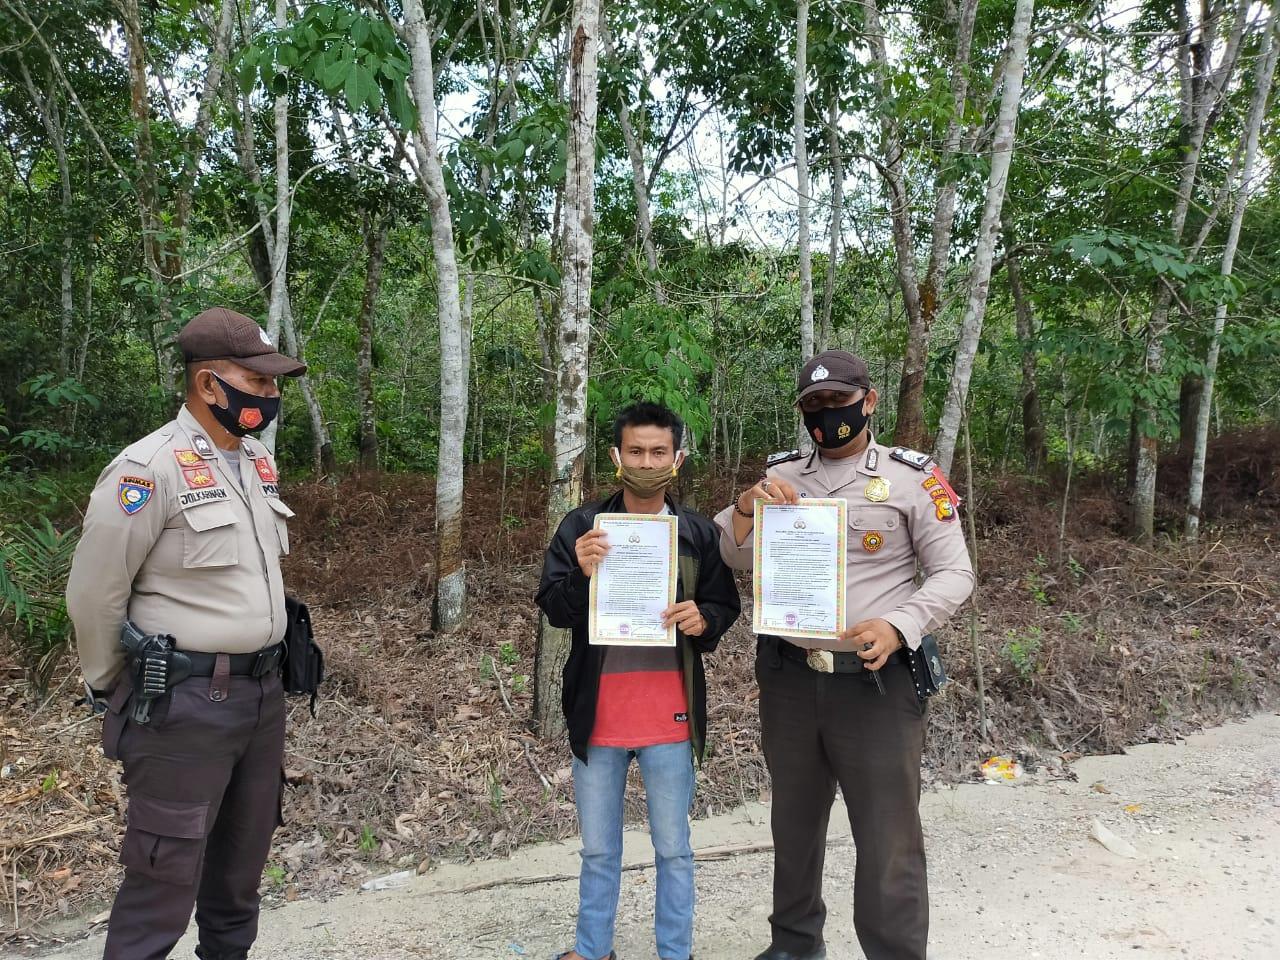 Polsek Pangkalan Kuras Rutin Patroli Karhutla Dan Penyebaran Maklumat Kapolda Riau